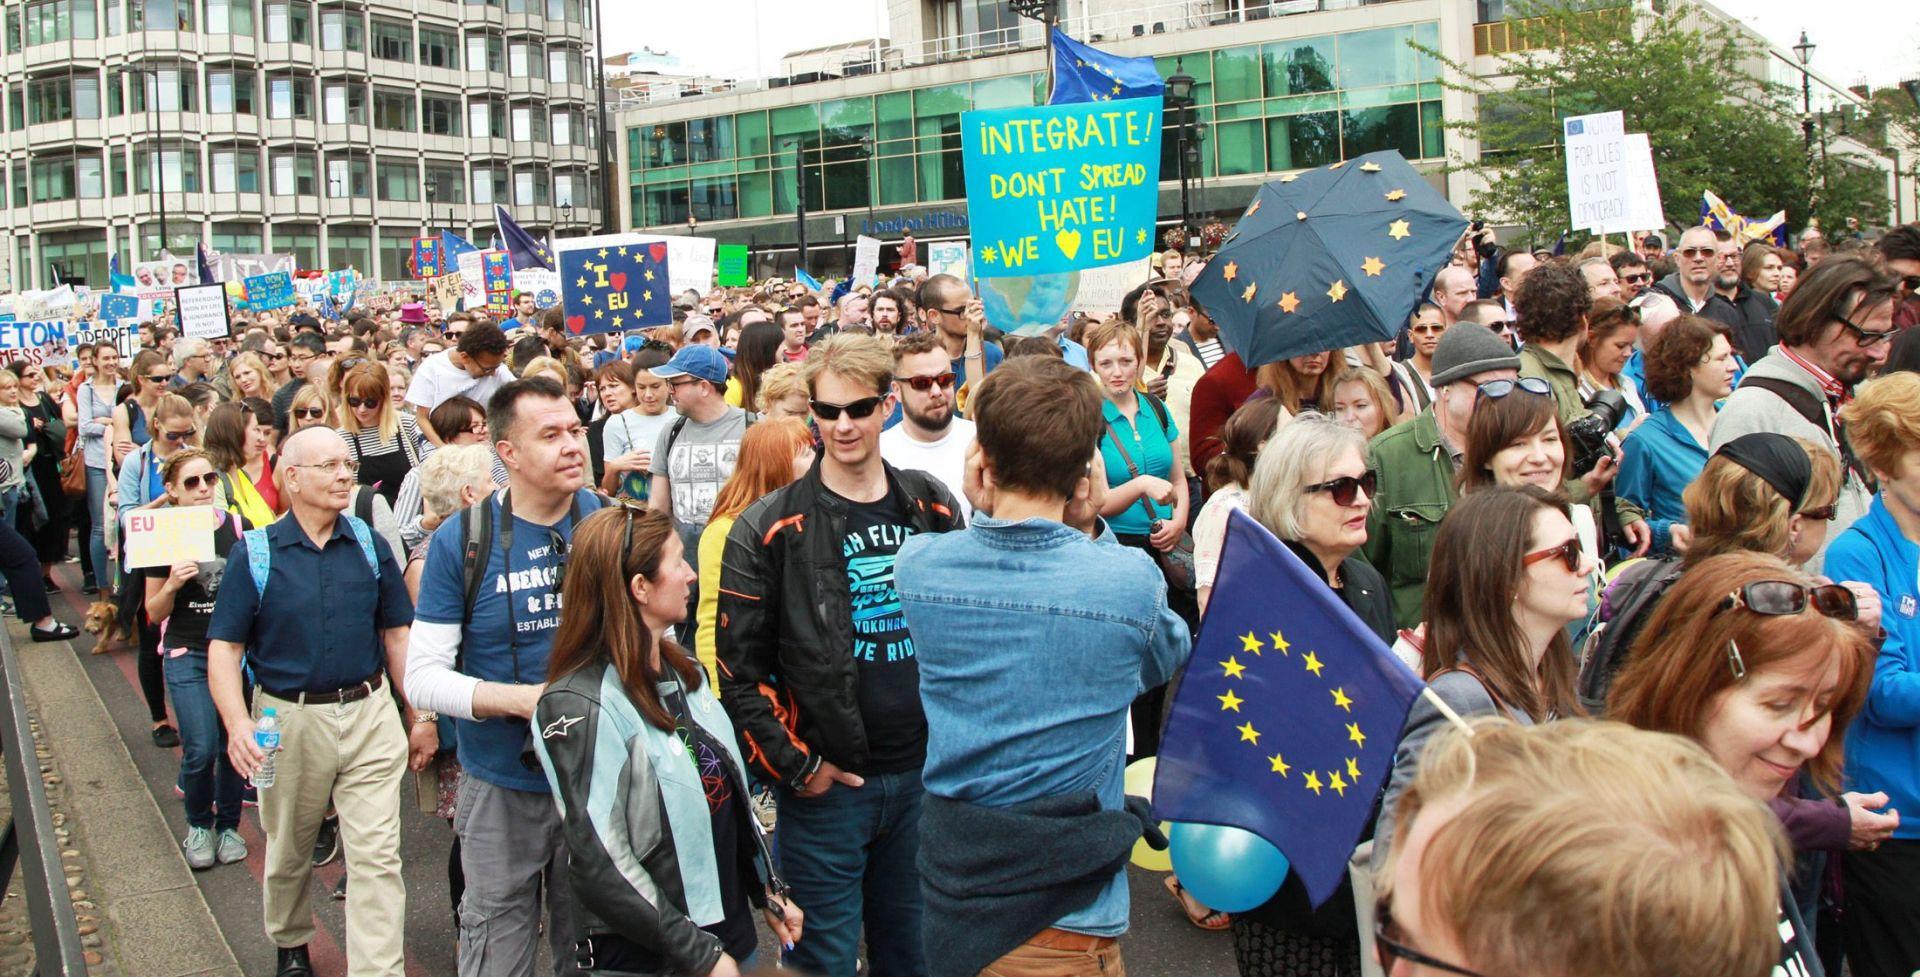 VIJEĆE EUROPE: Brexit izazvao eksploziju govora mržnje u Europi